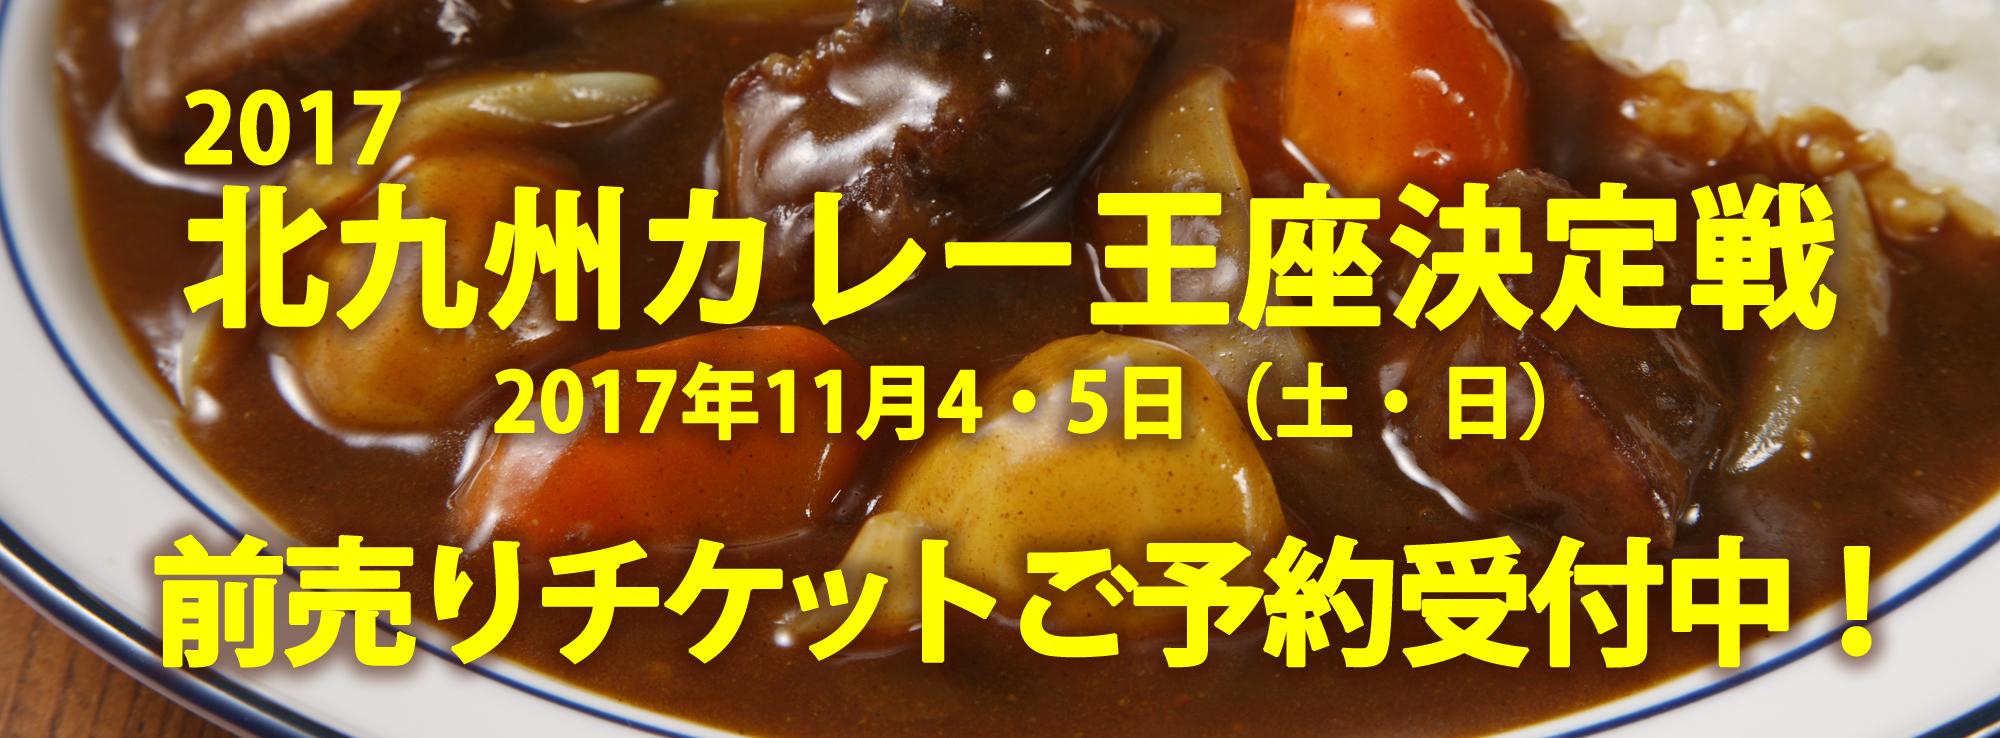 北九州カレー王座決定戦2017